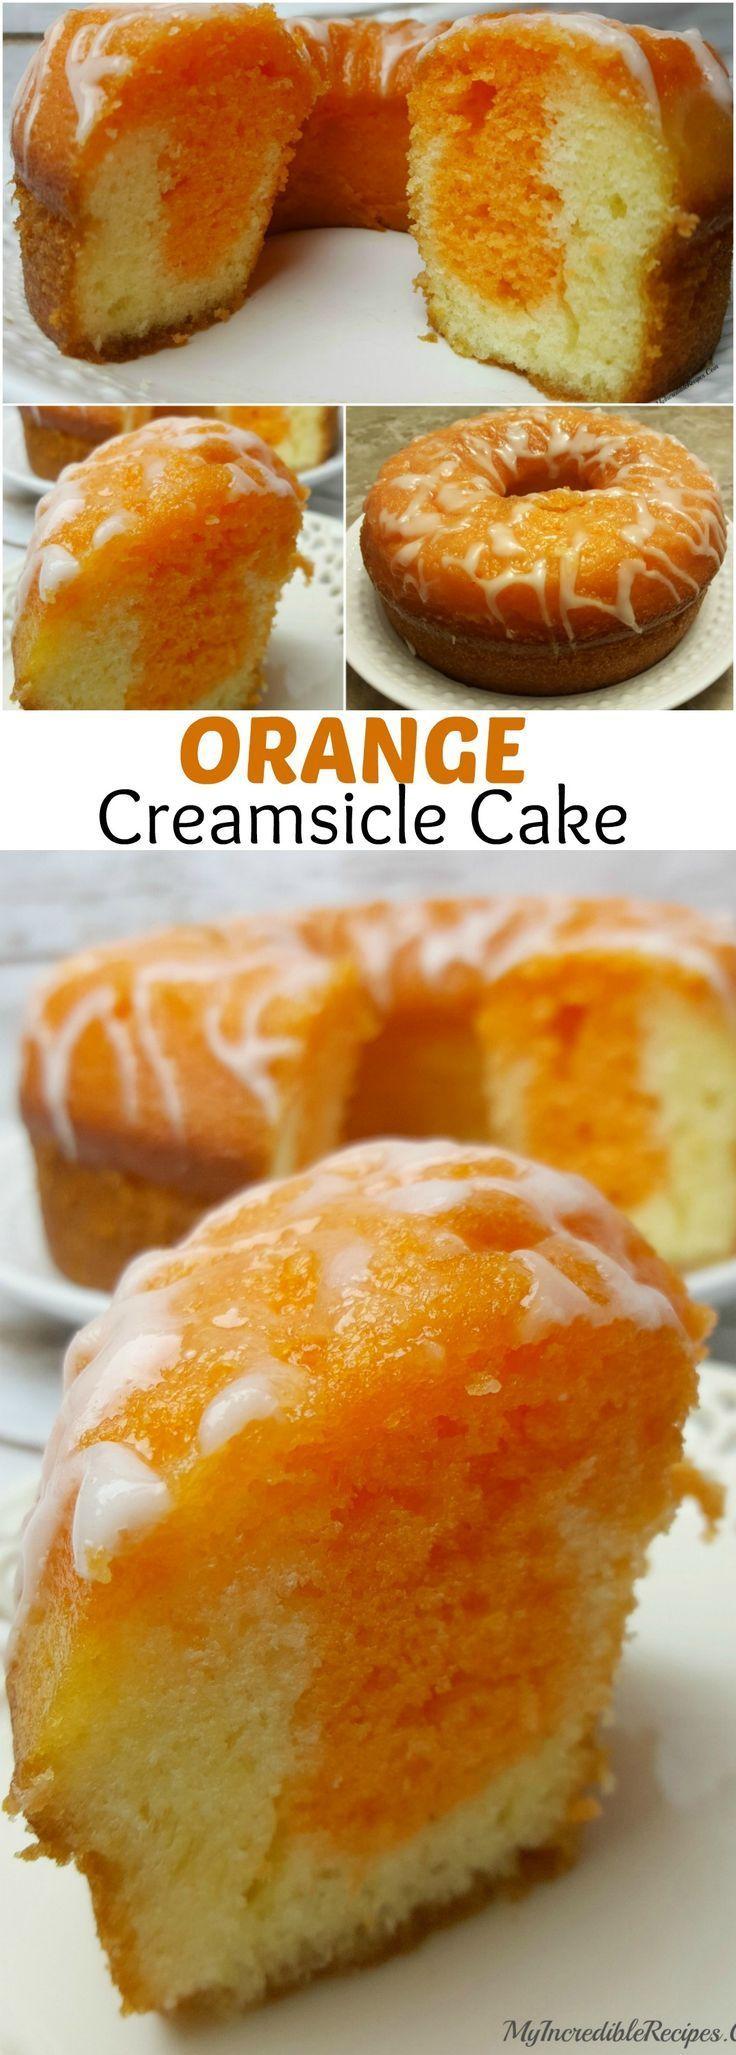 Orange Creamiscle Cake